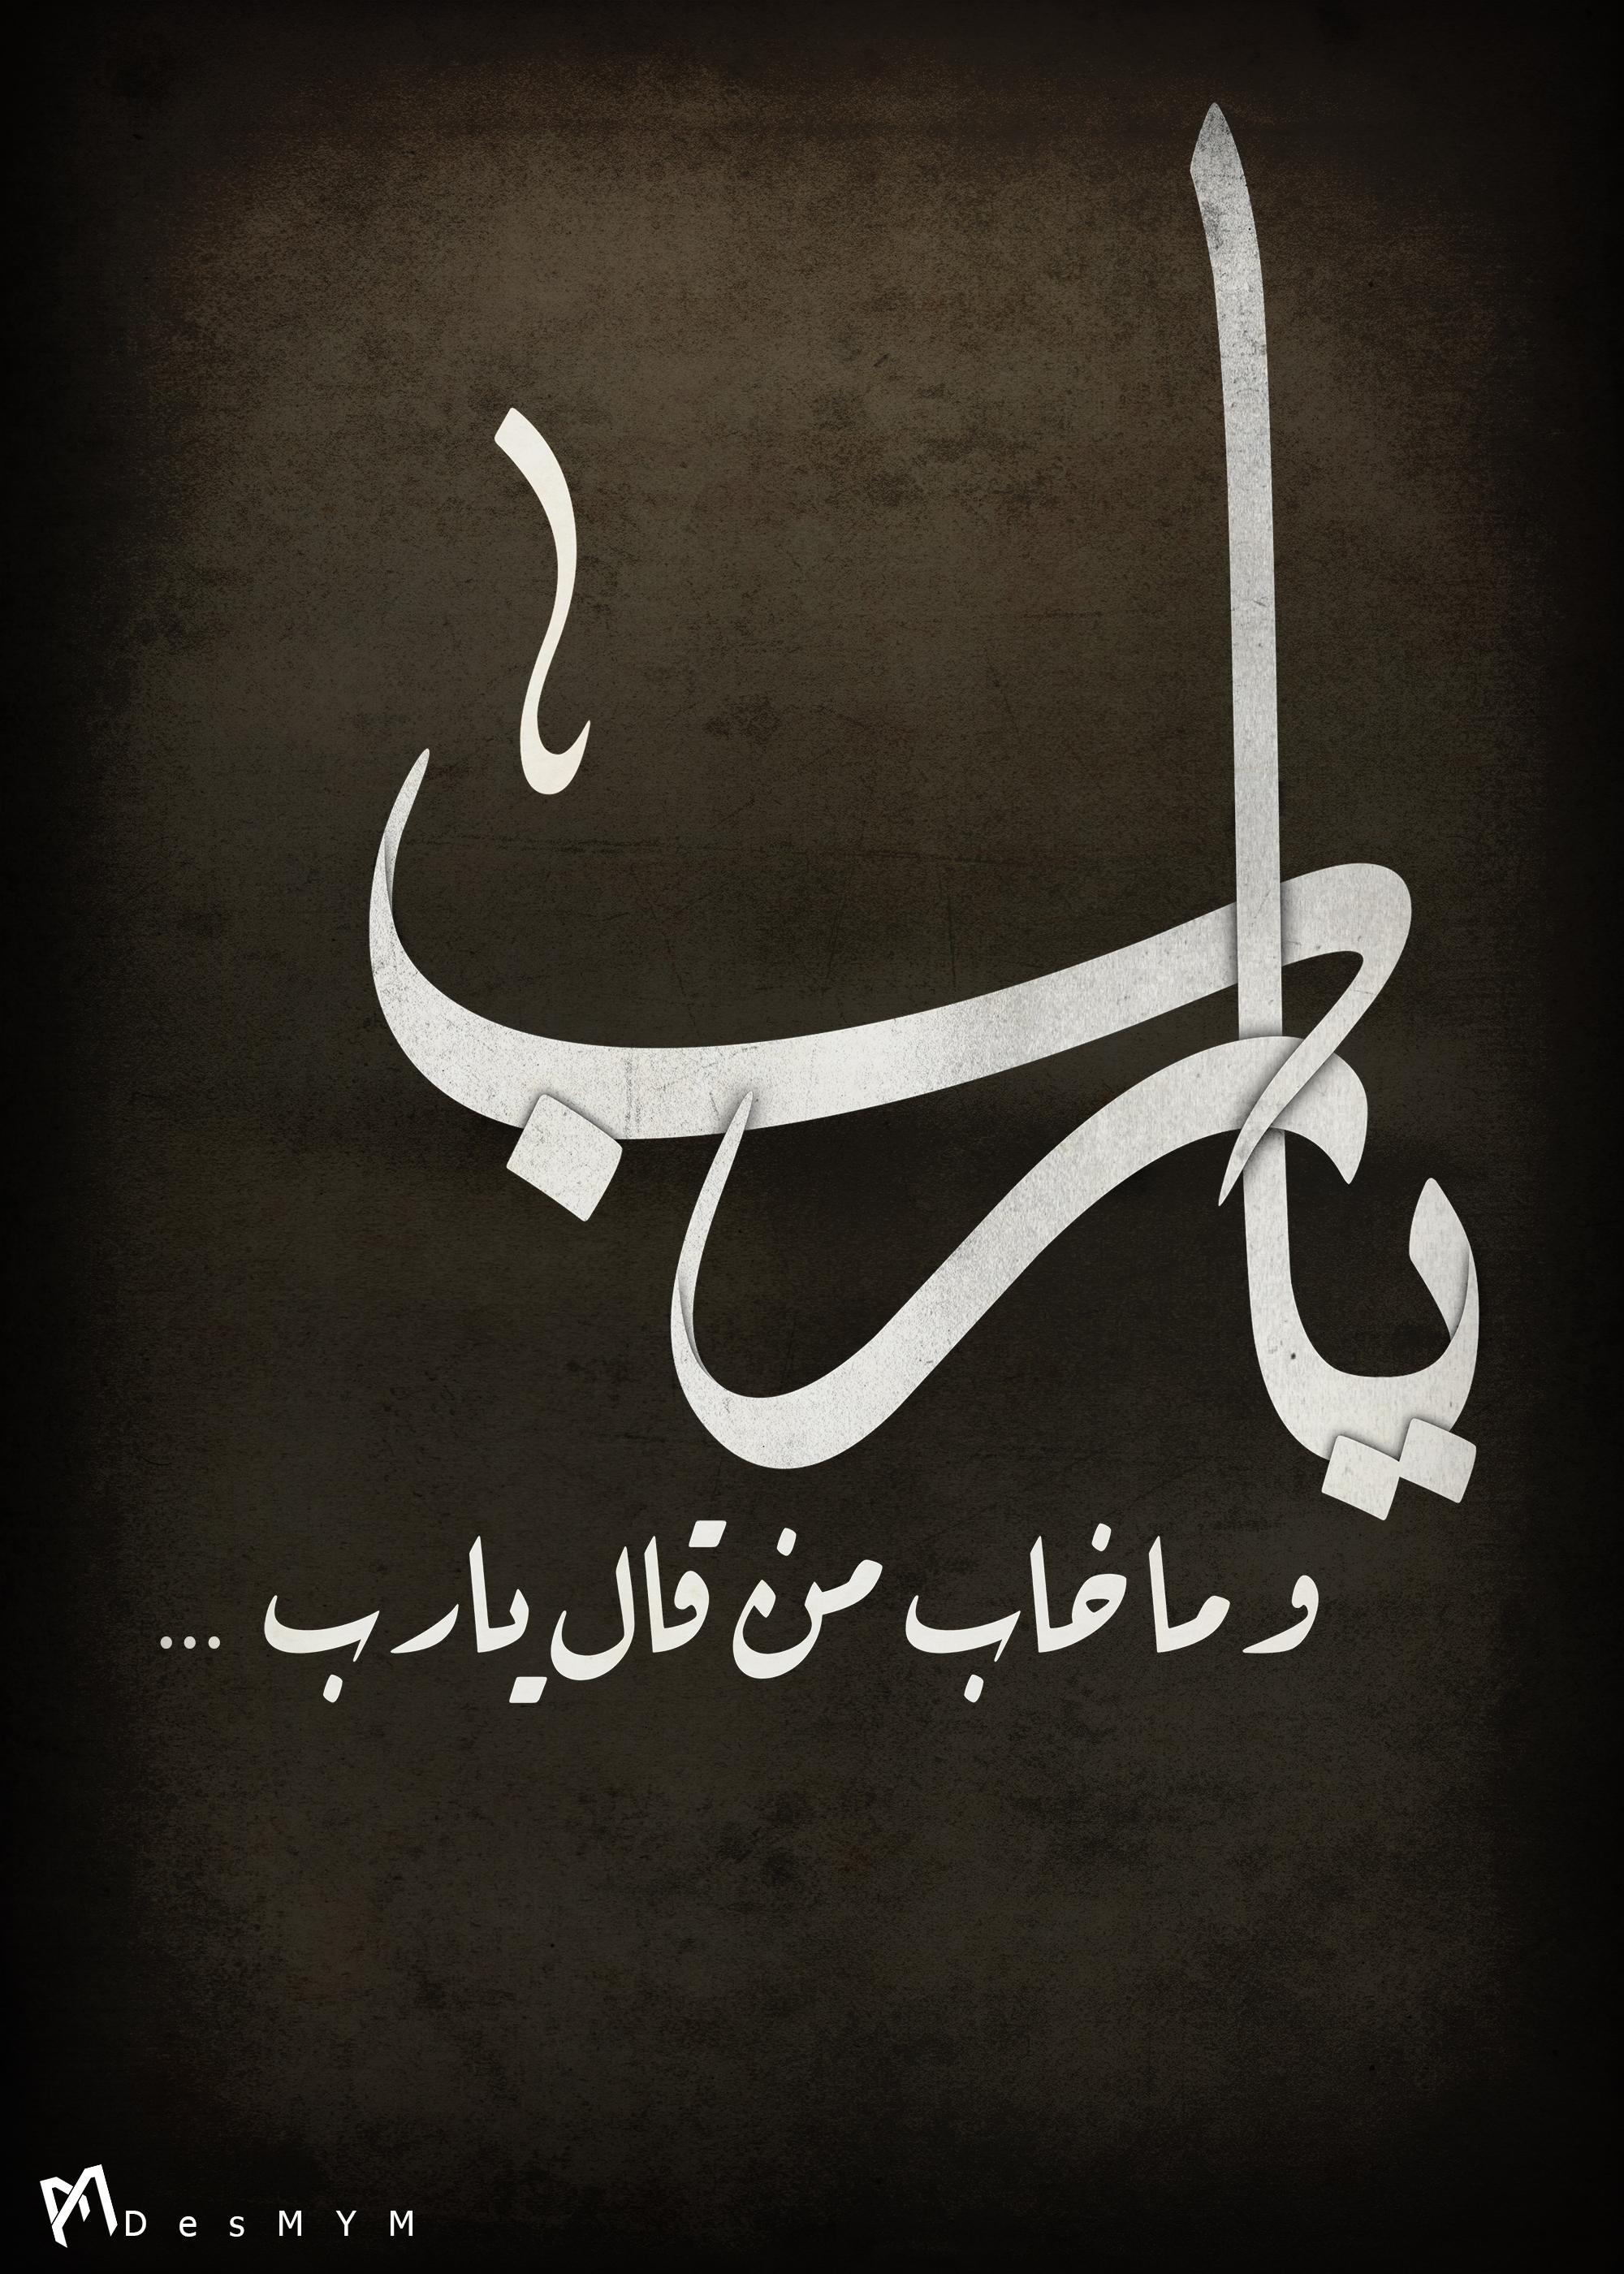 بالصور كلمة يارب بخط جميل , خطوط عربية يارب جديد 600 7